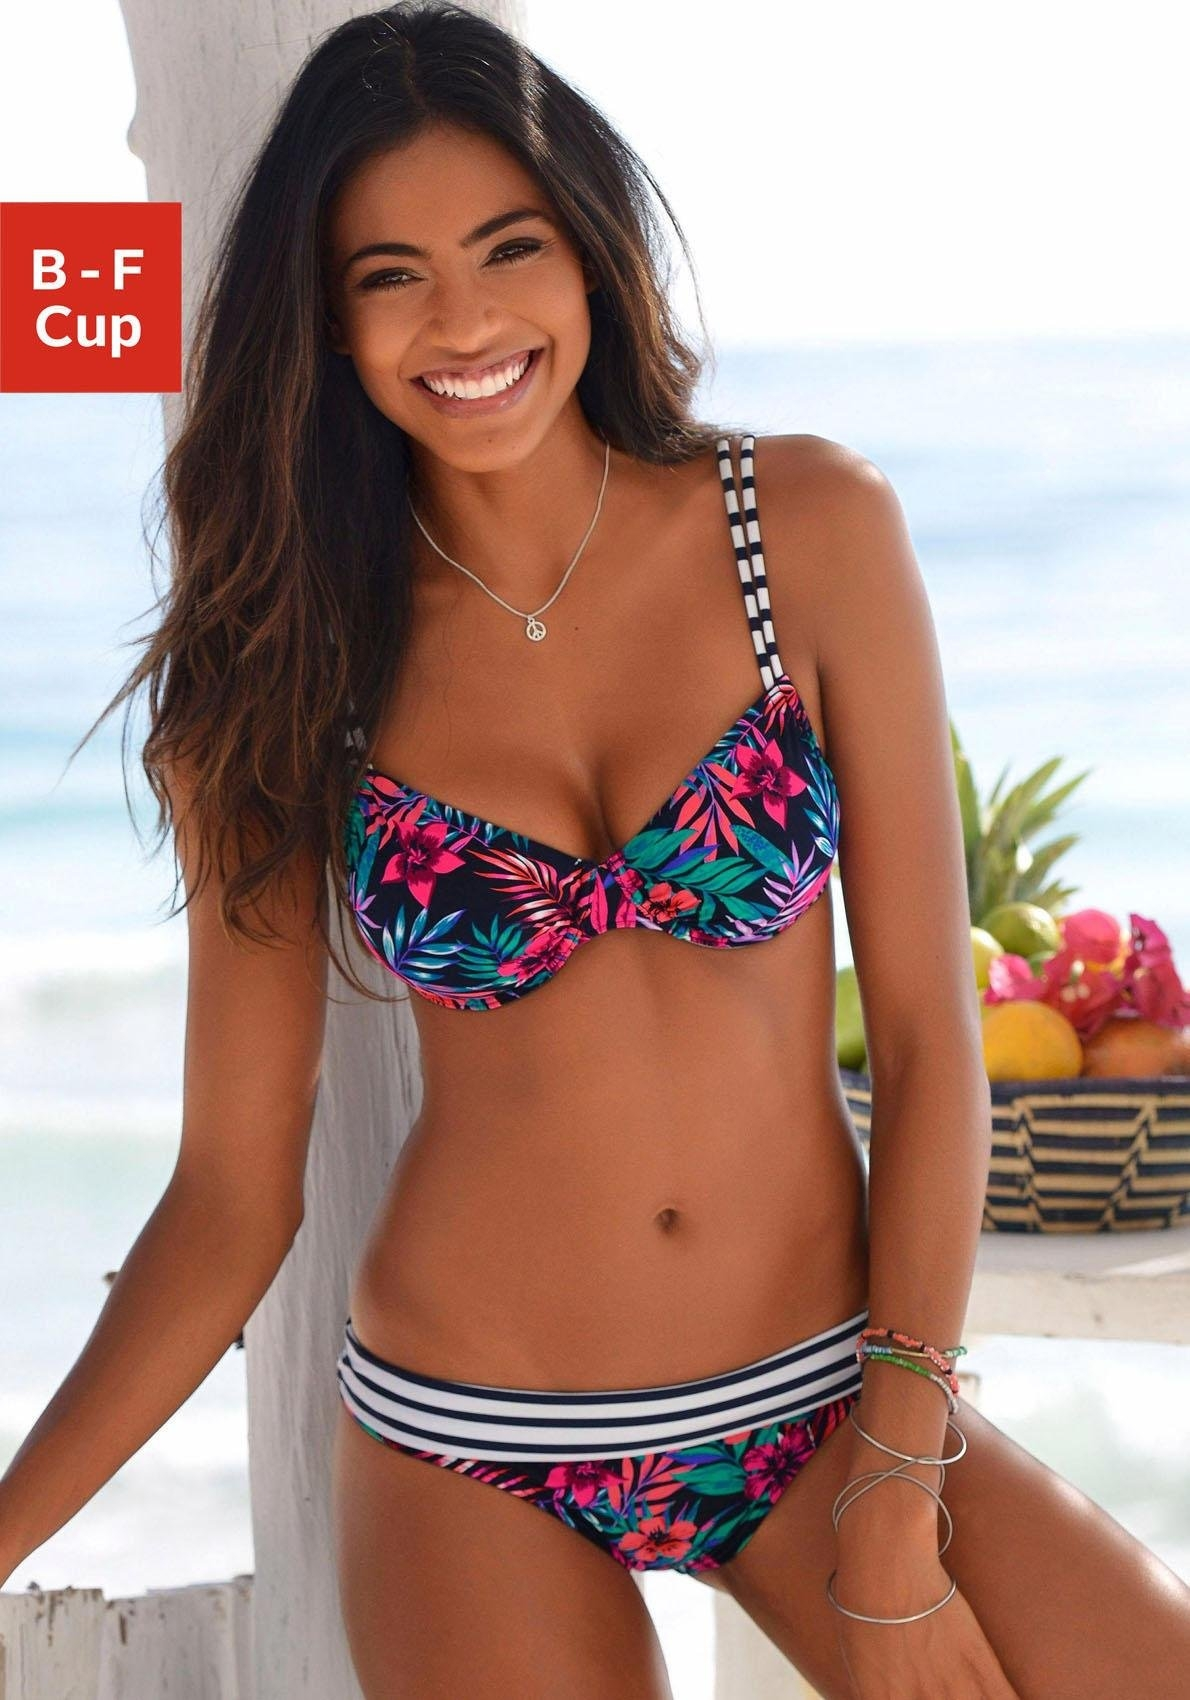 Venice Beach bikinitop met beugels Summer met dubbele bandjes voordelig en veilig online kopen